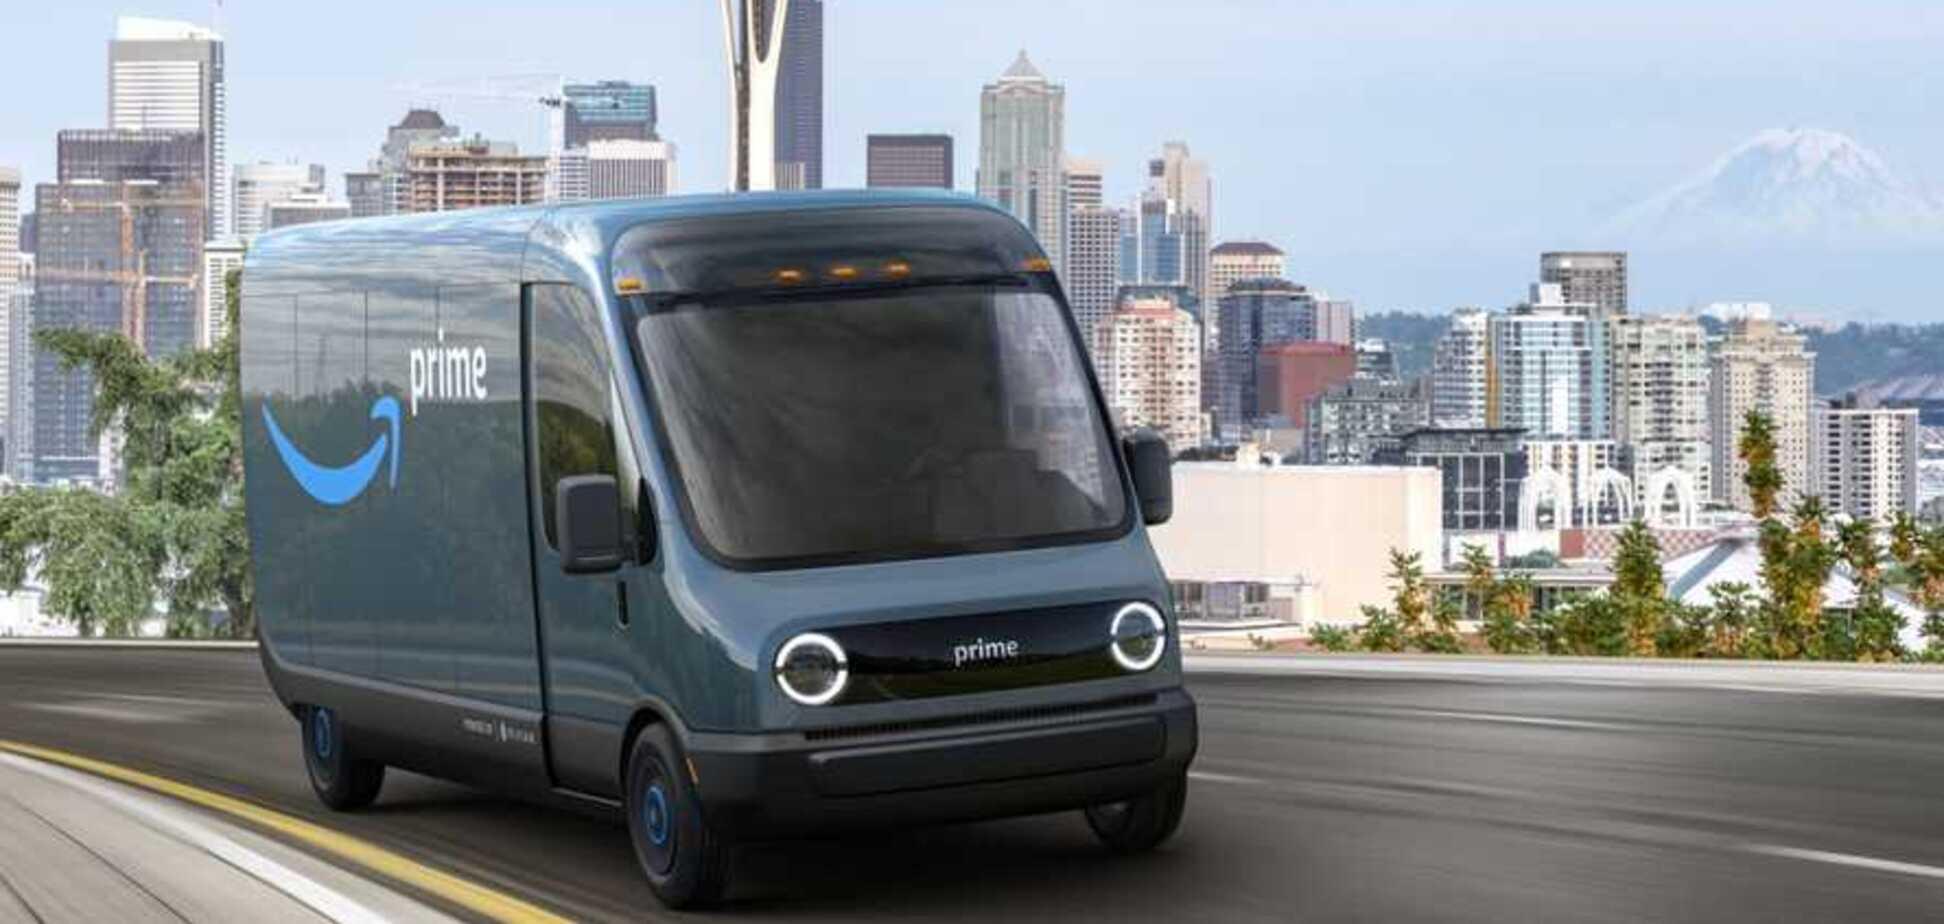 Ждем на Укрпочте: Amazon показал электрический развозной фургон